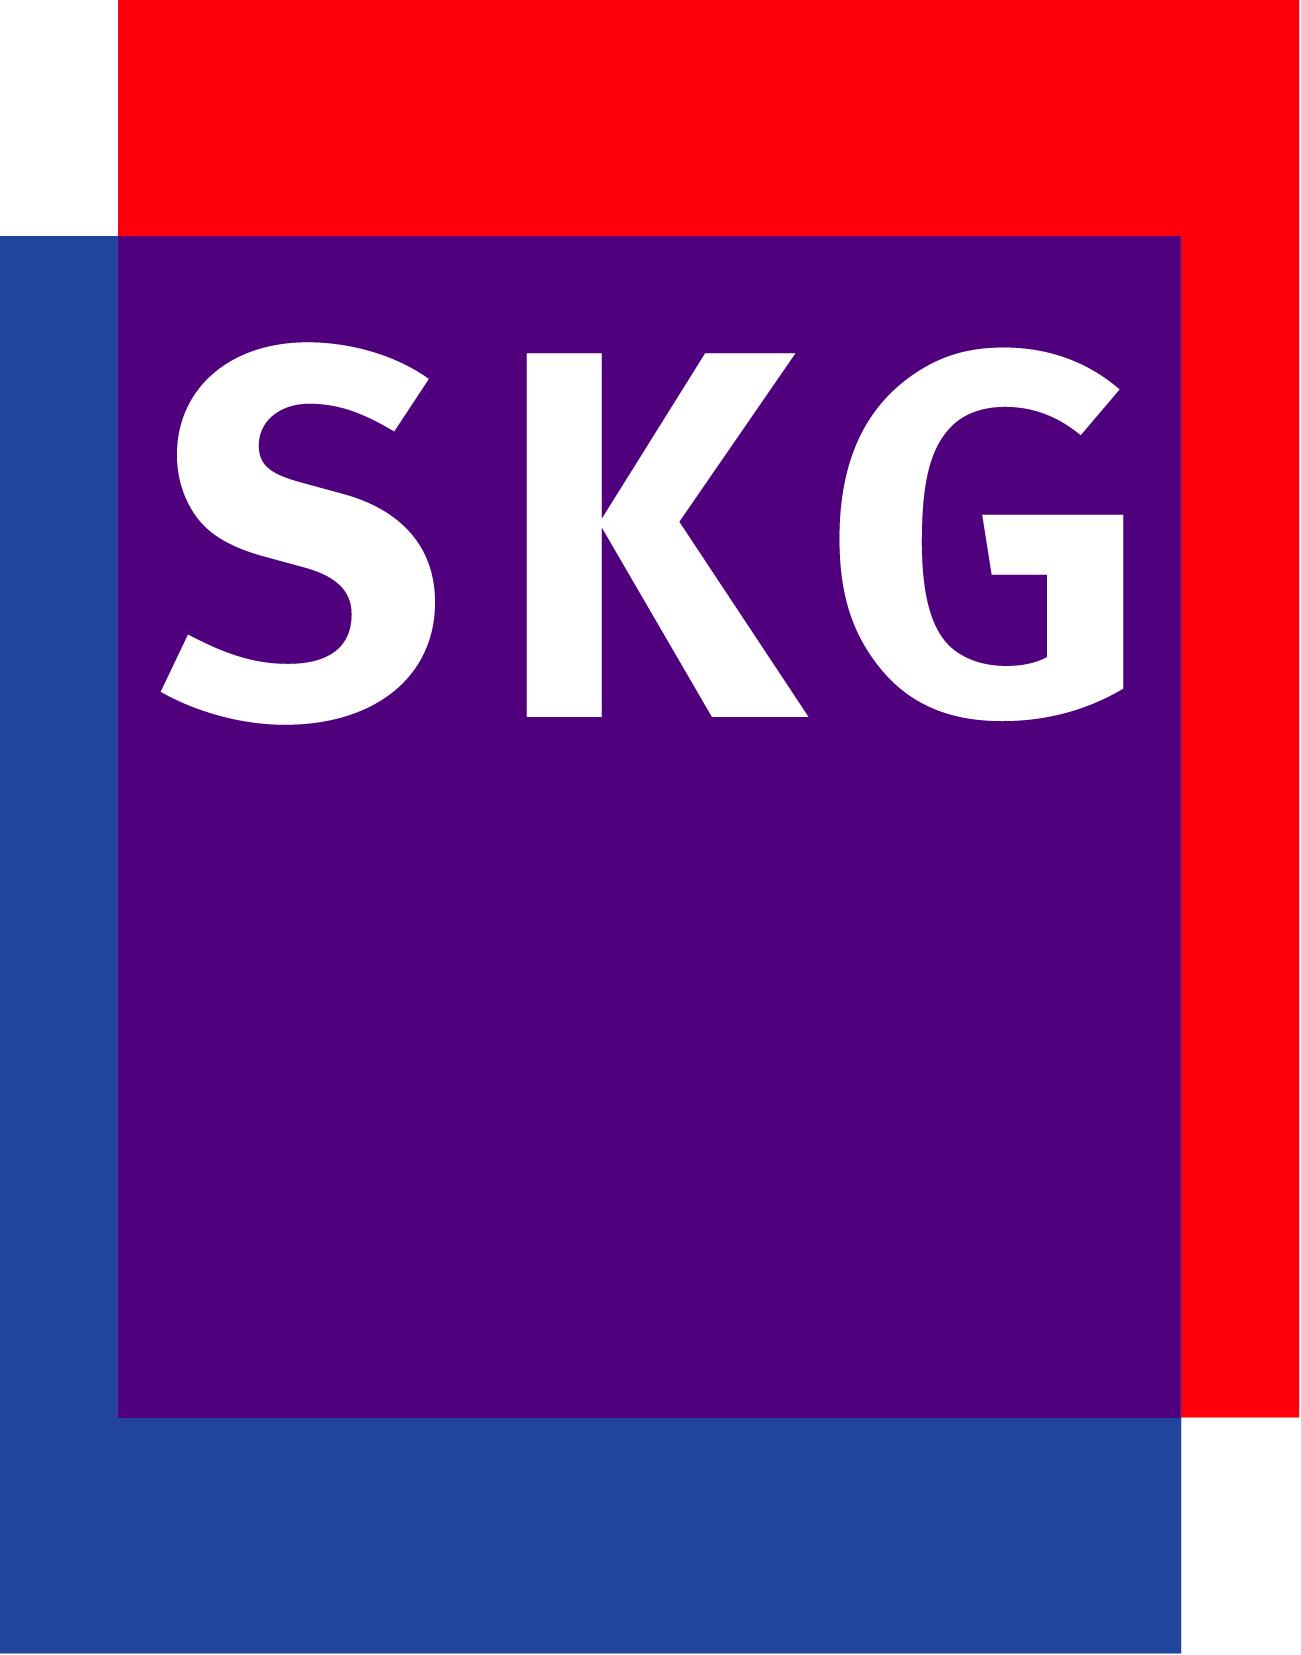 skg logo slotenmakers 24 7 in heel nl lokaal betrouwbaar en snel